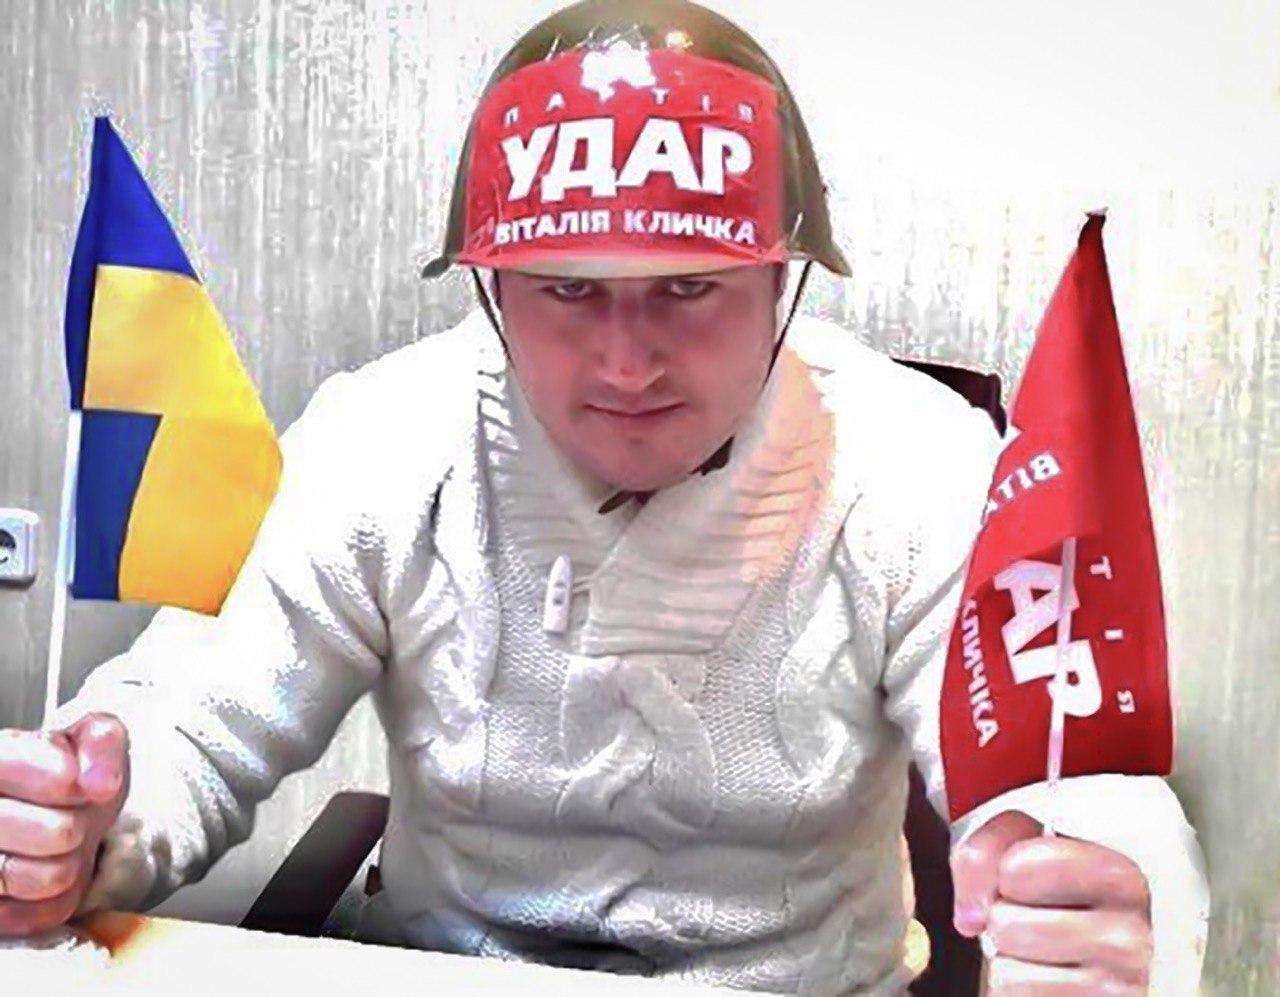 Бывший чиновник, оконфузившийся историей со Шварценеггером, заявил, что идет в мэры Николаева: «Я долго думал»